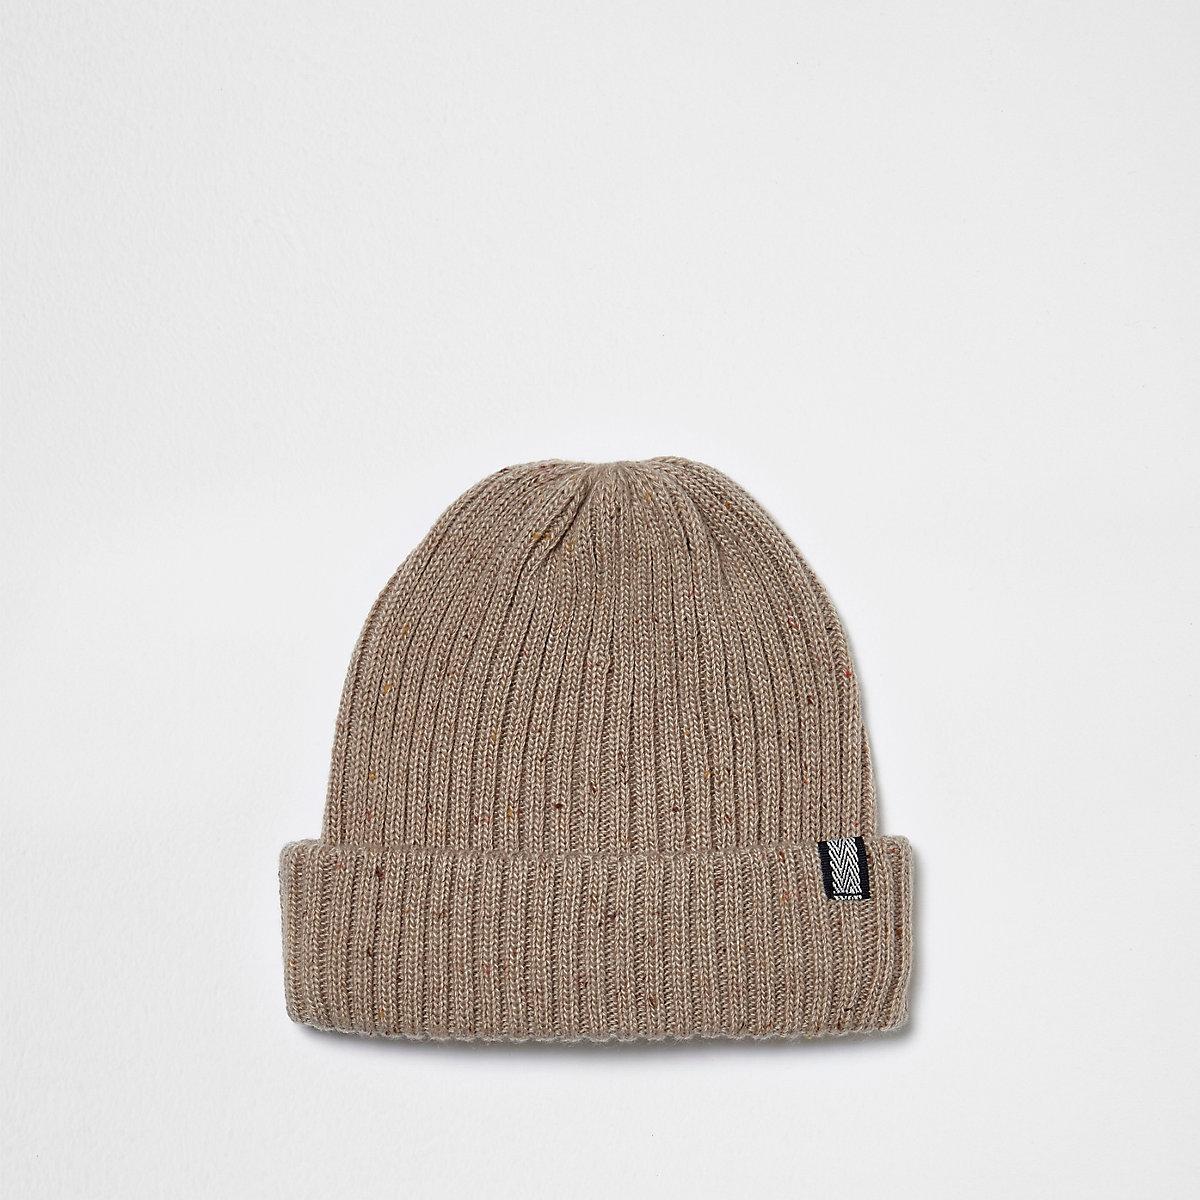 Stone fisherman beanie hat